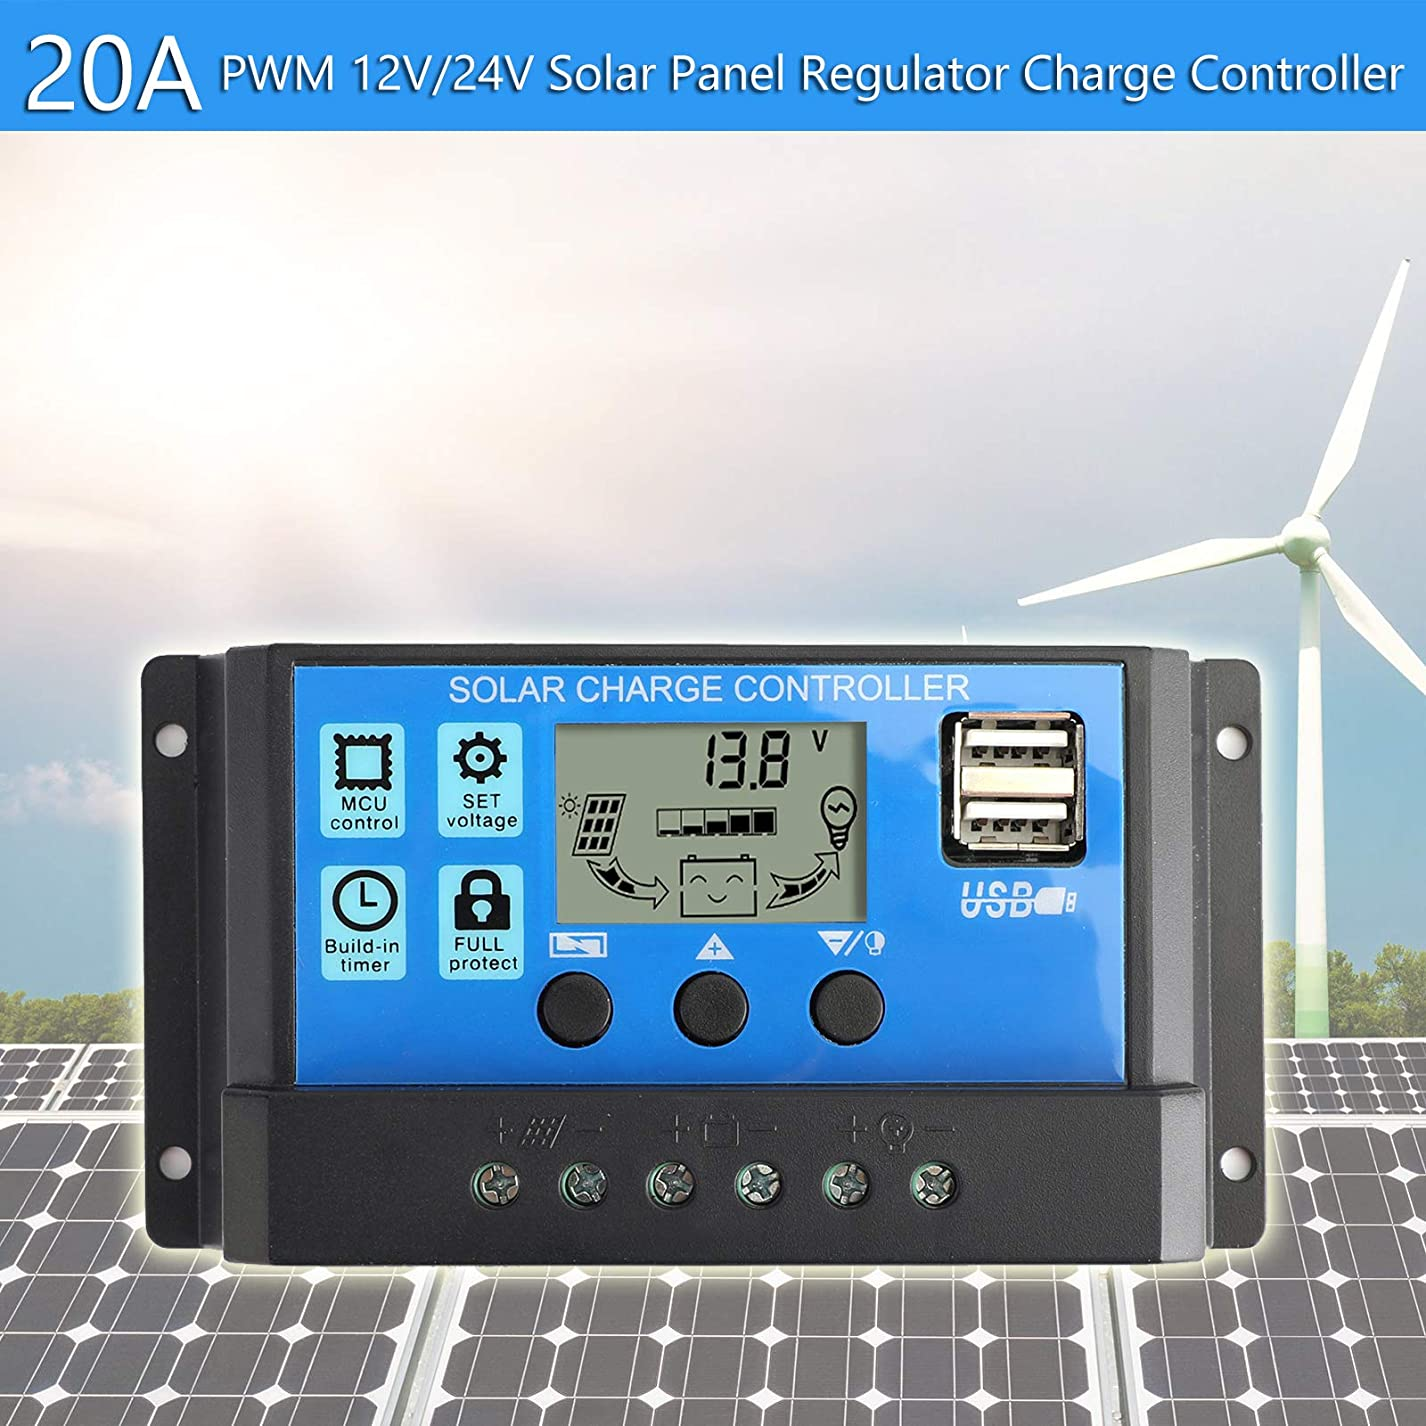 秋最初干ばつArtudatech 20A ソーラー パネル バッテリー レギュレーター チャージ コントローラー PWM LCD デュアル USB 12V/24V